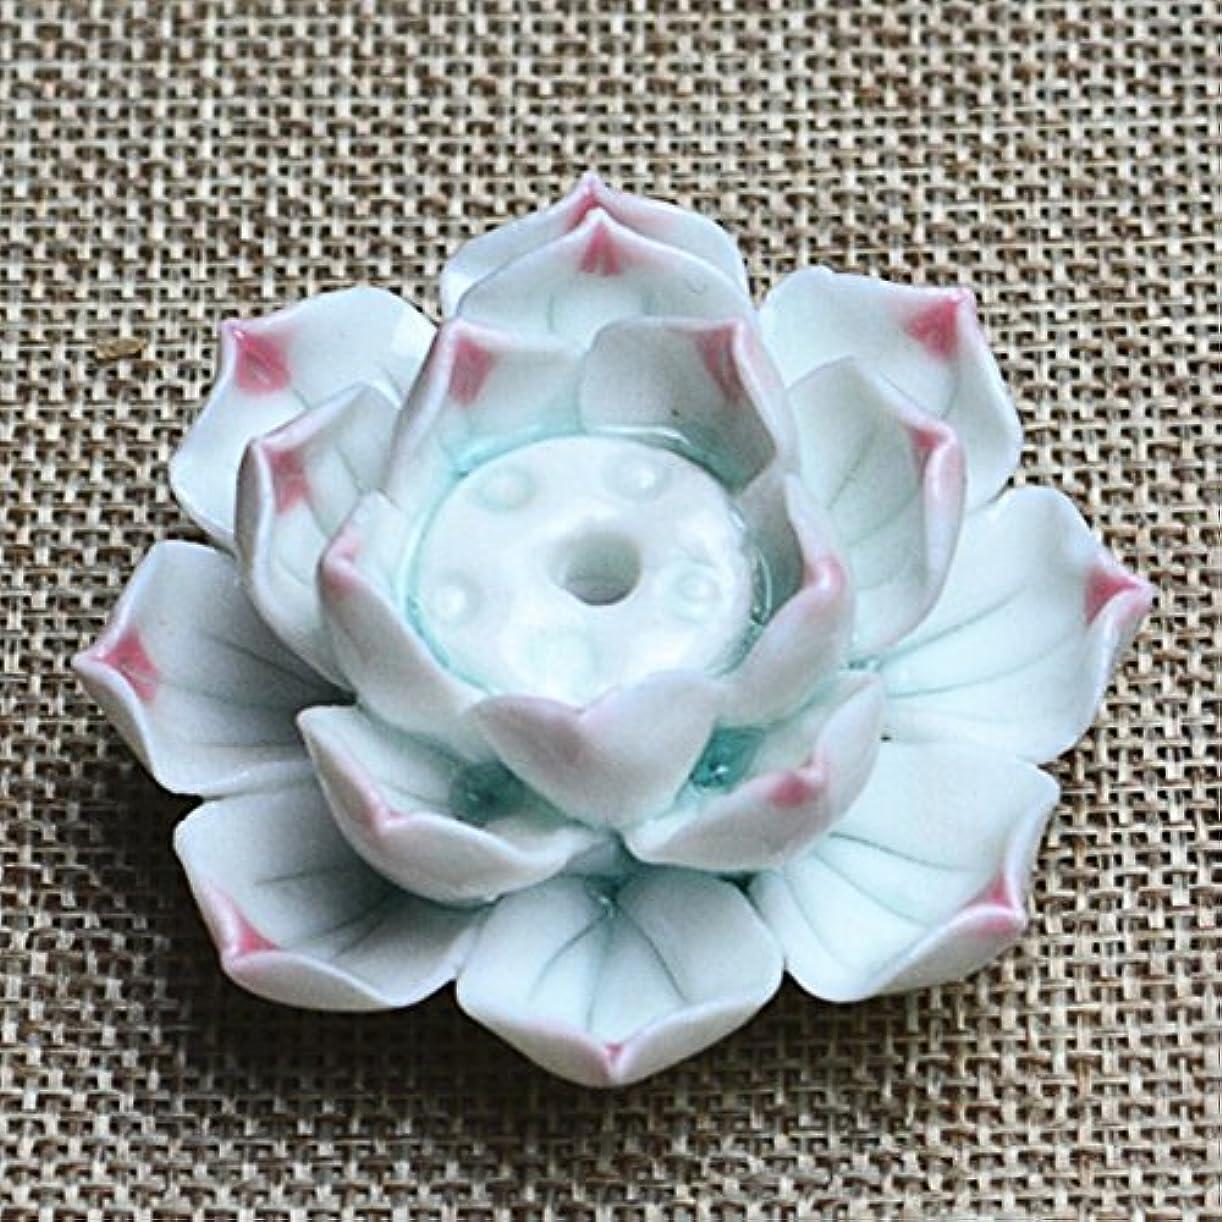 パートナースナック性別Zehuiセラミック香炉スティックホルダーロータス香炉Ashキャッチャープレートwith 1 / 3穴Incense Burner pink point flowers mhy-1110-Zjj370